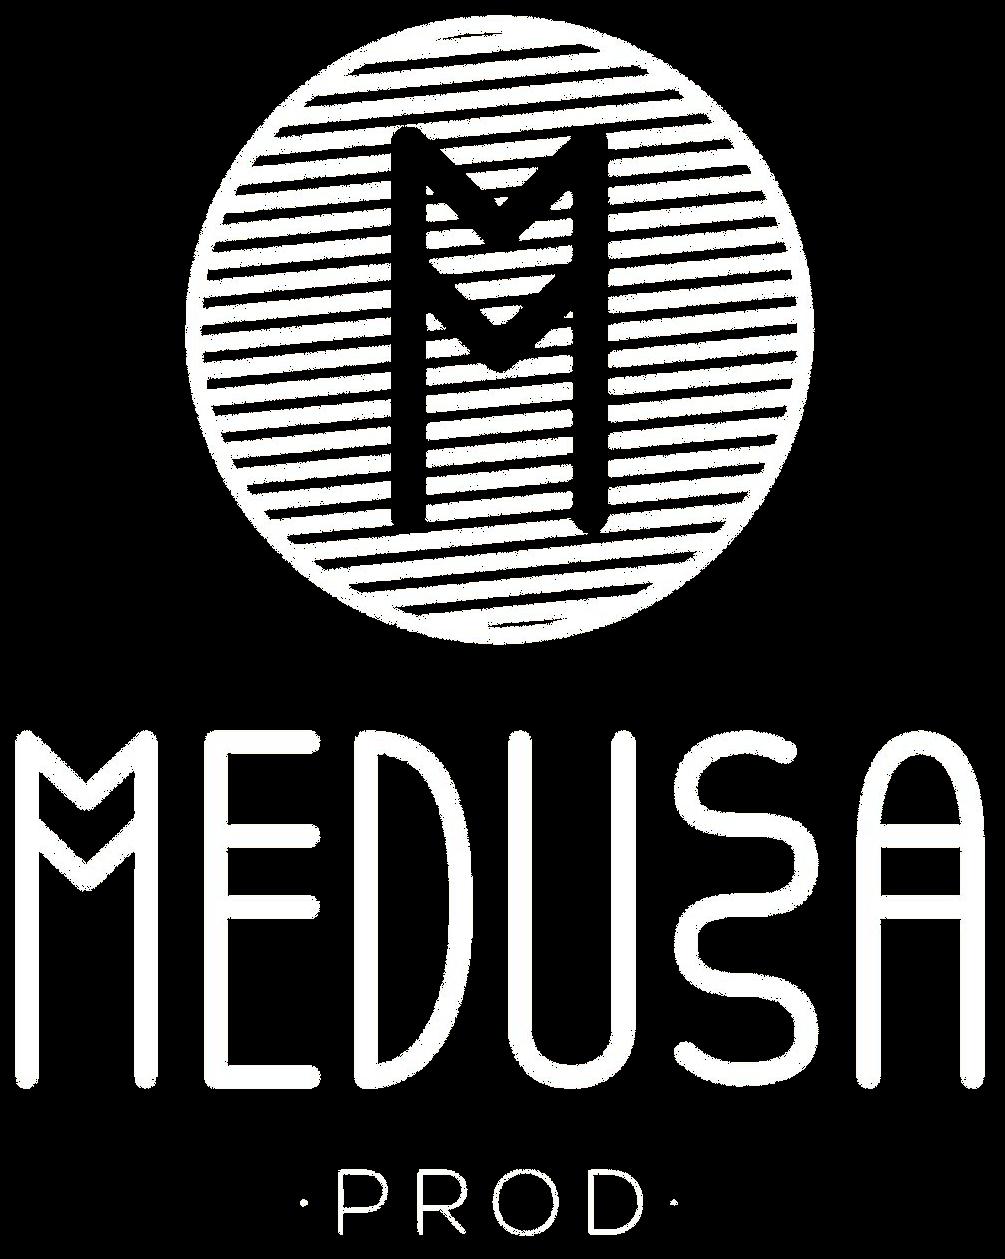 Studio d'enregistrement Medusa Prod à Marseille dans les Bouches-du-Rhône